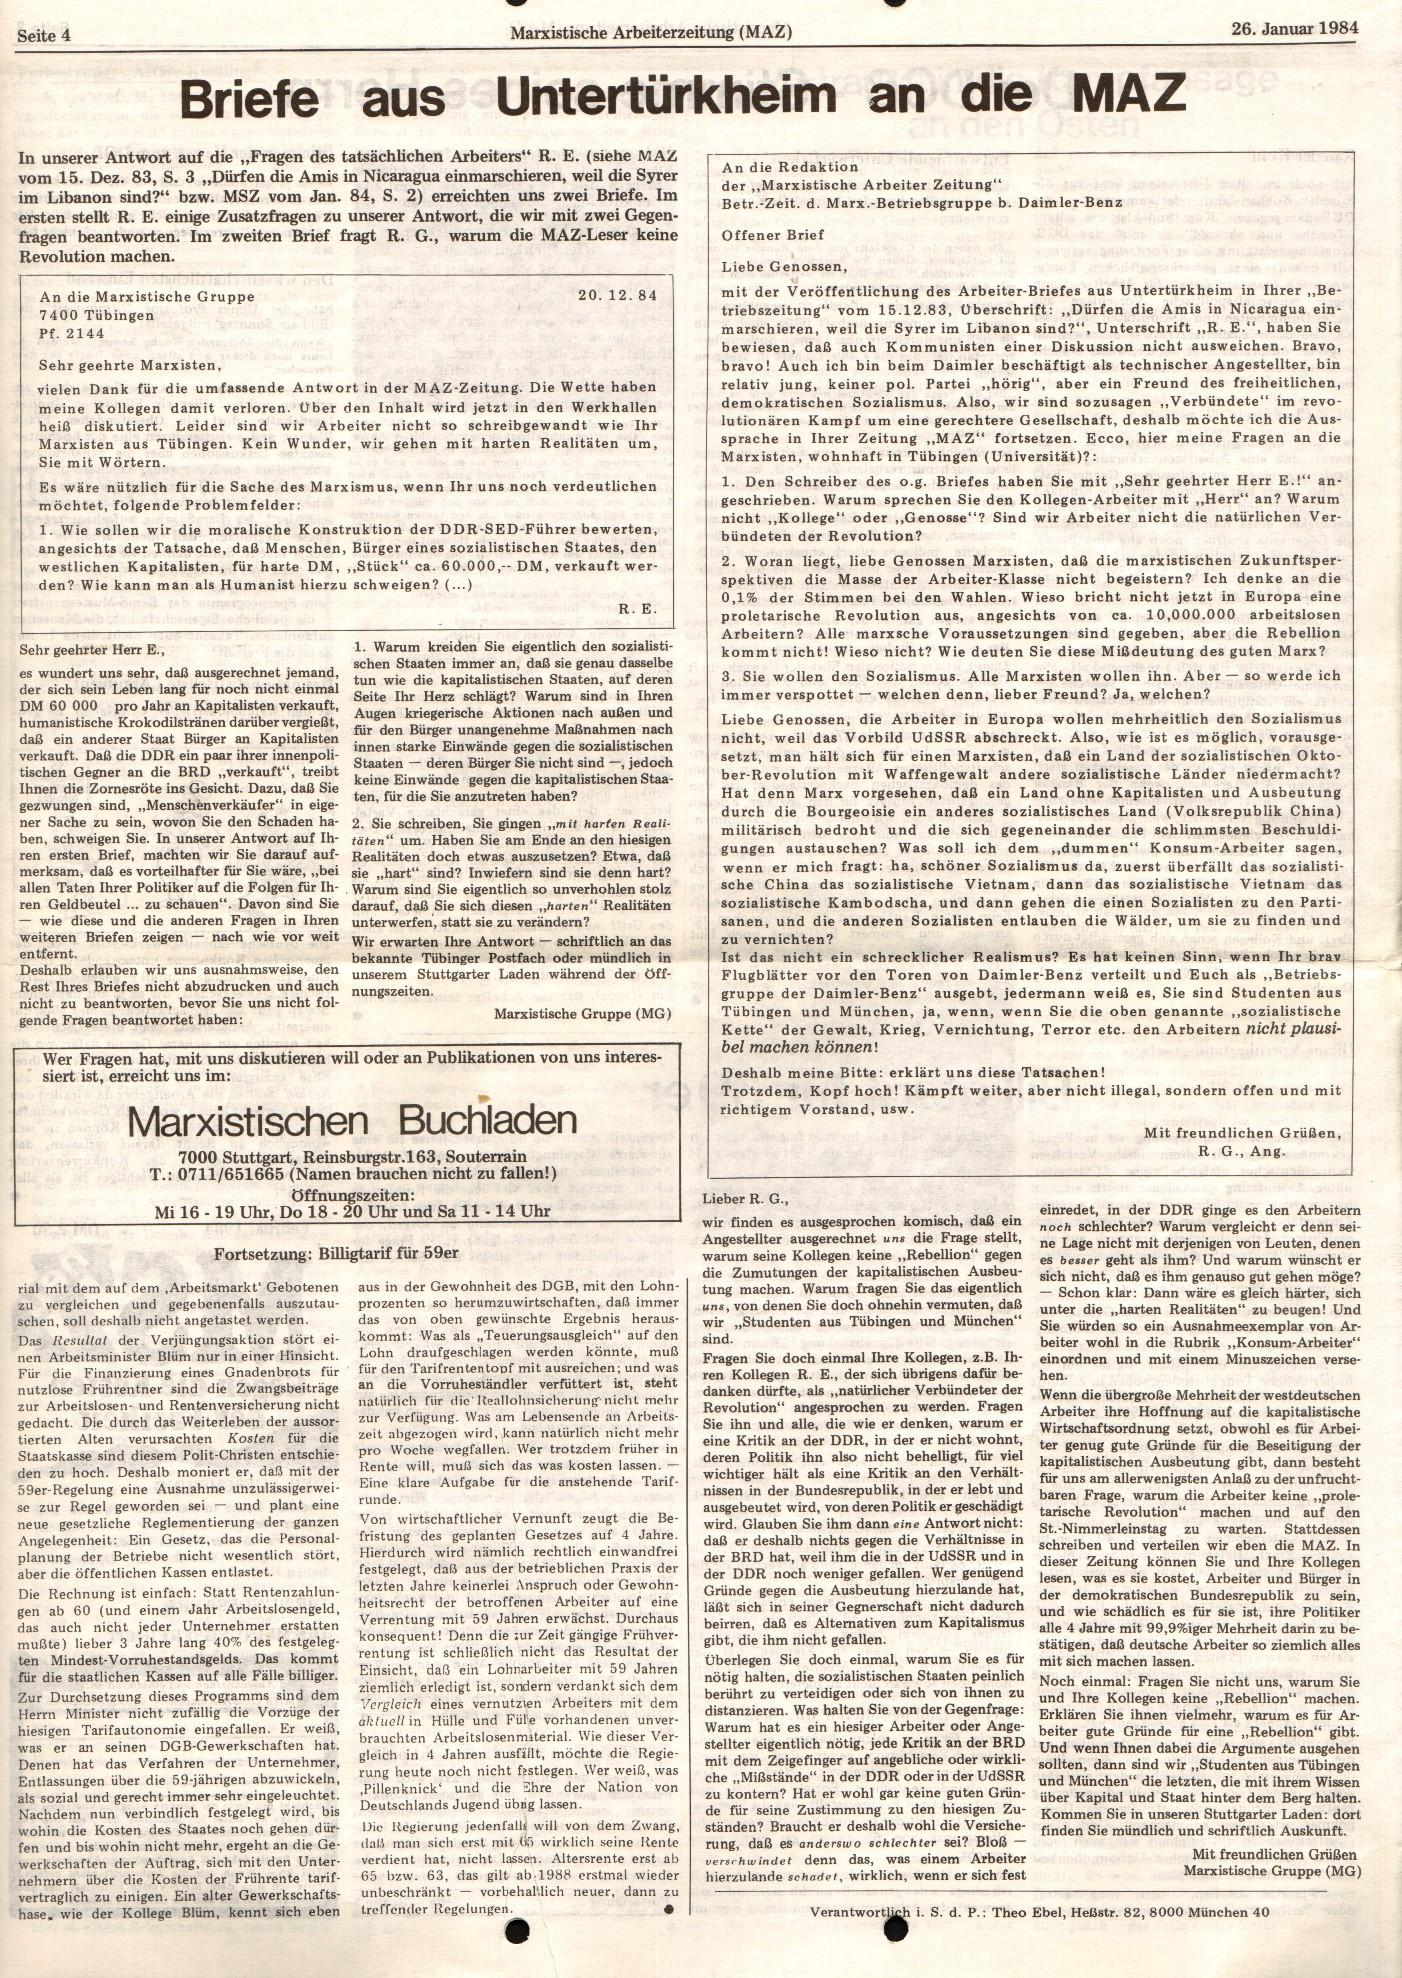 BW_MG_Marxistische_Arbeiterzeitung_19840126_04